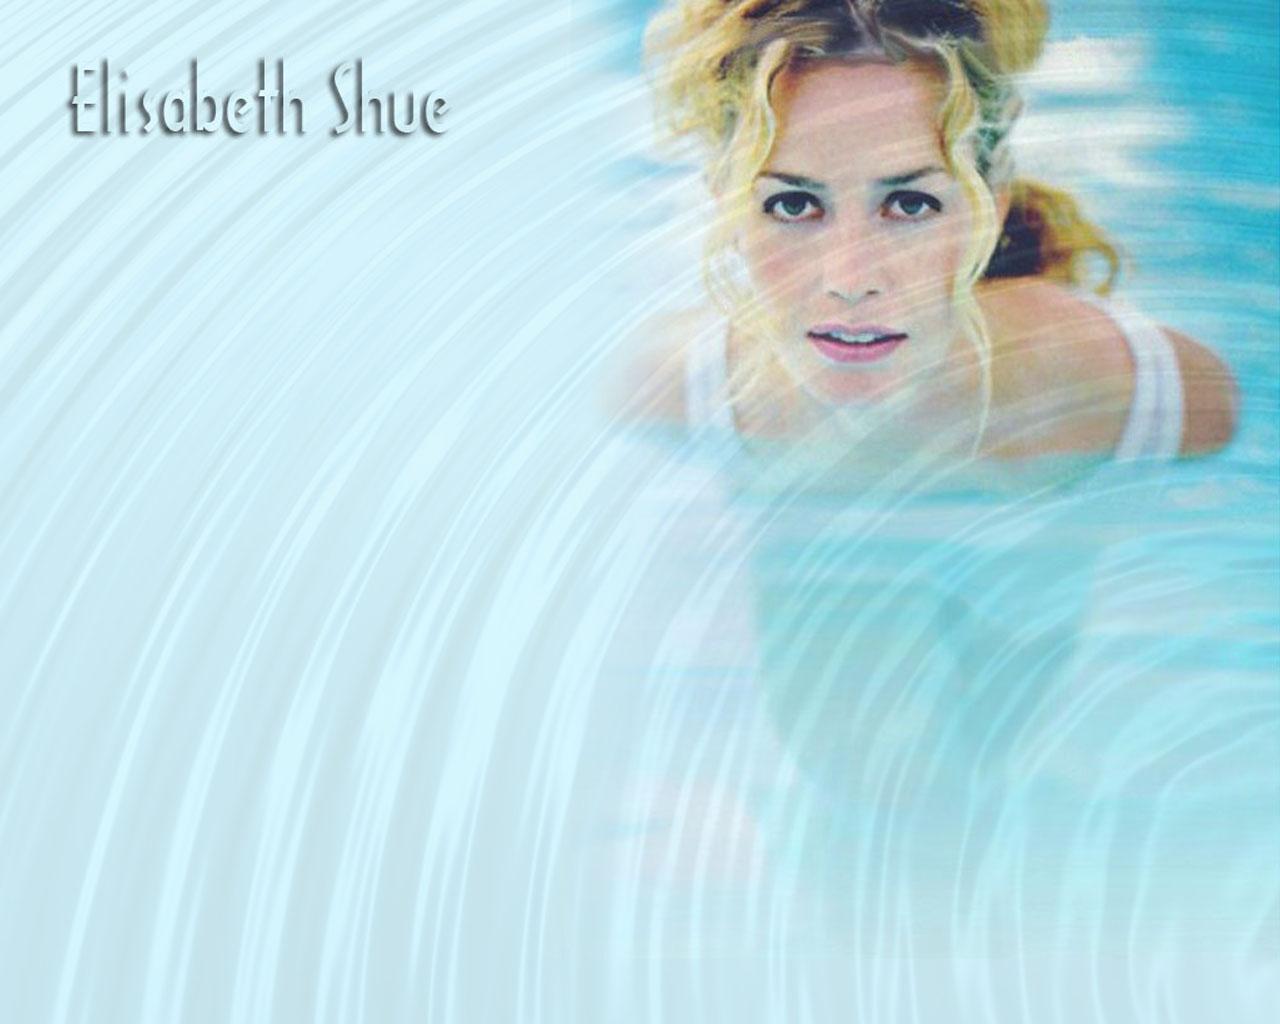 Download Elisabeth Shue Wallpaper 2